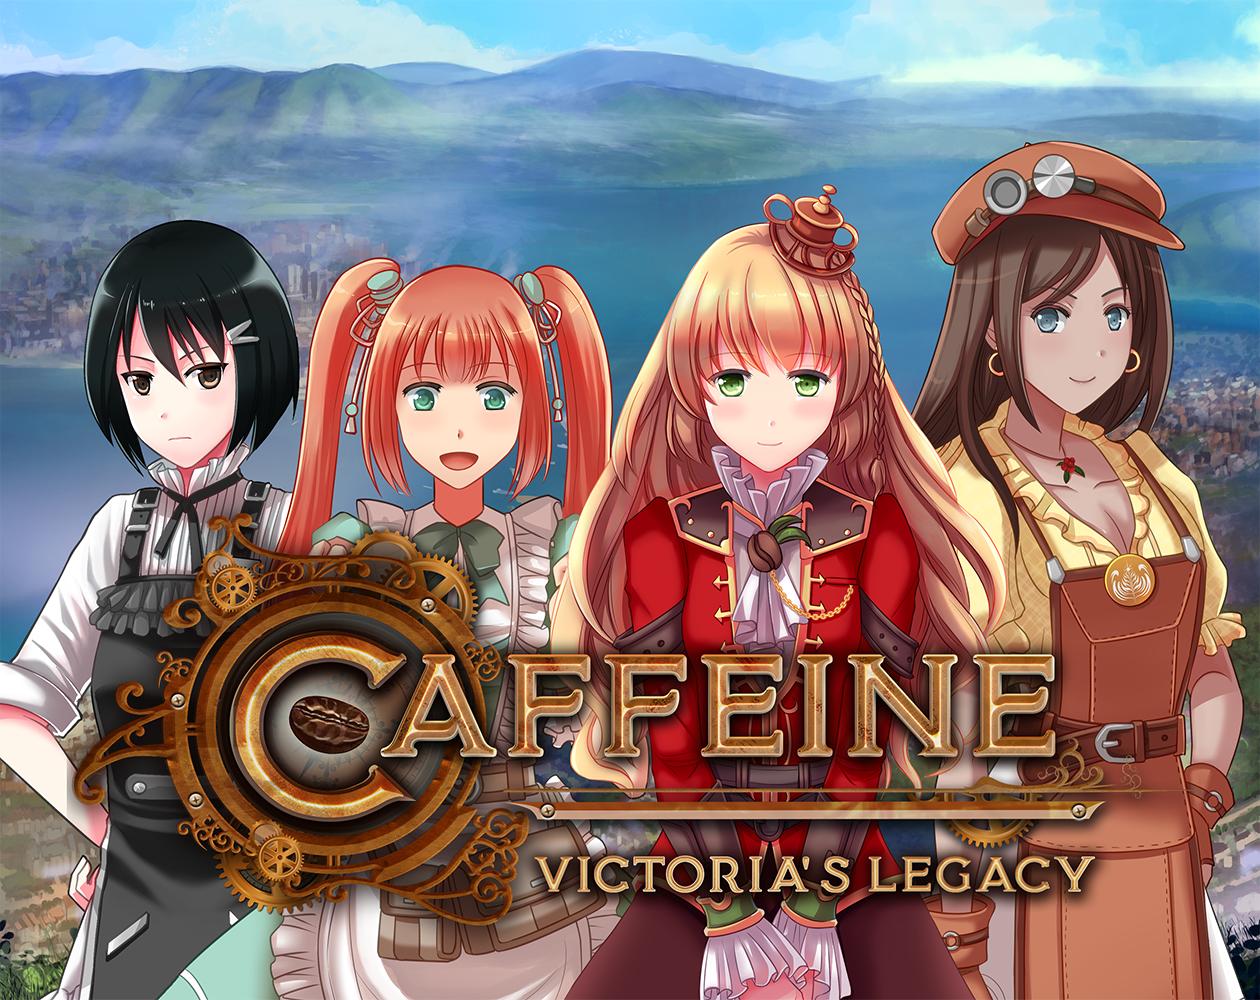 Релиз визуальной новеллы Caffeine: Victoria's Legacy